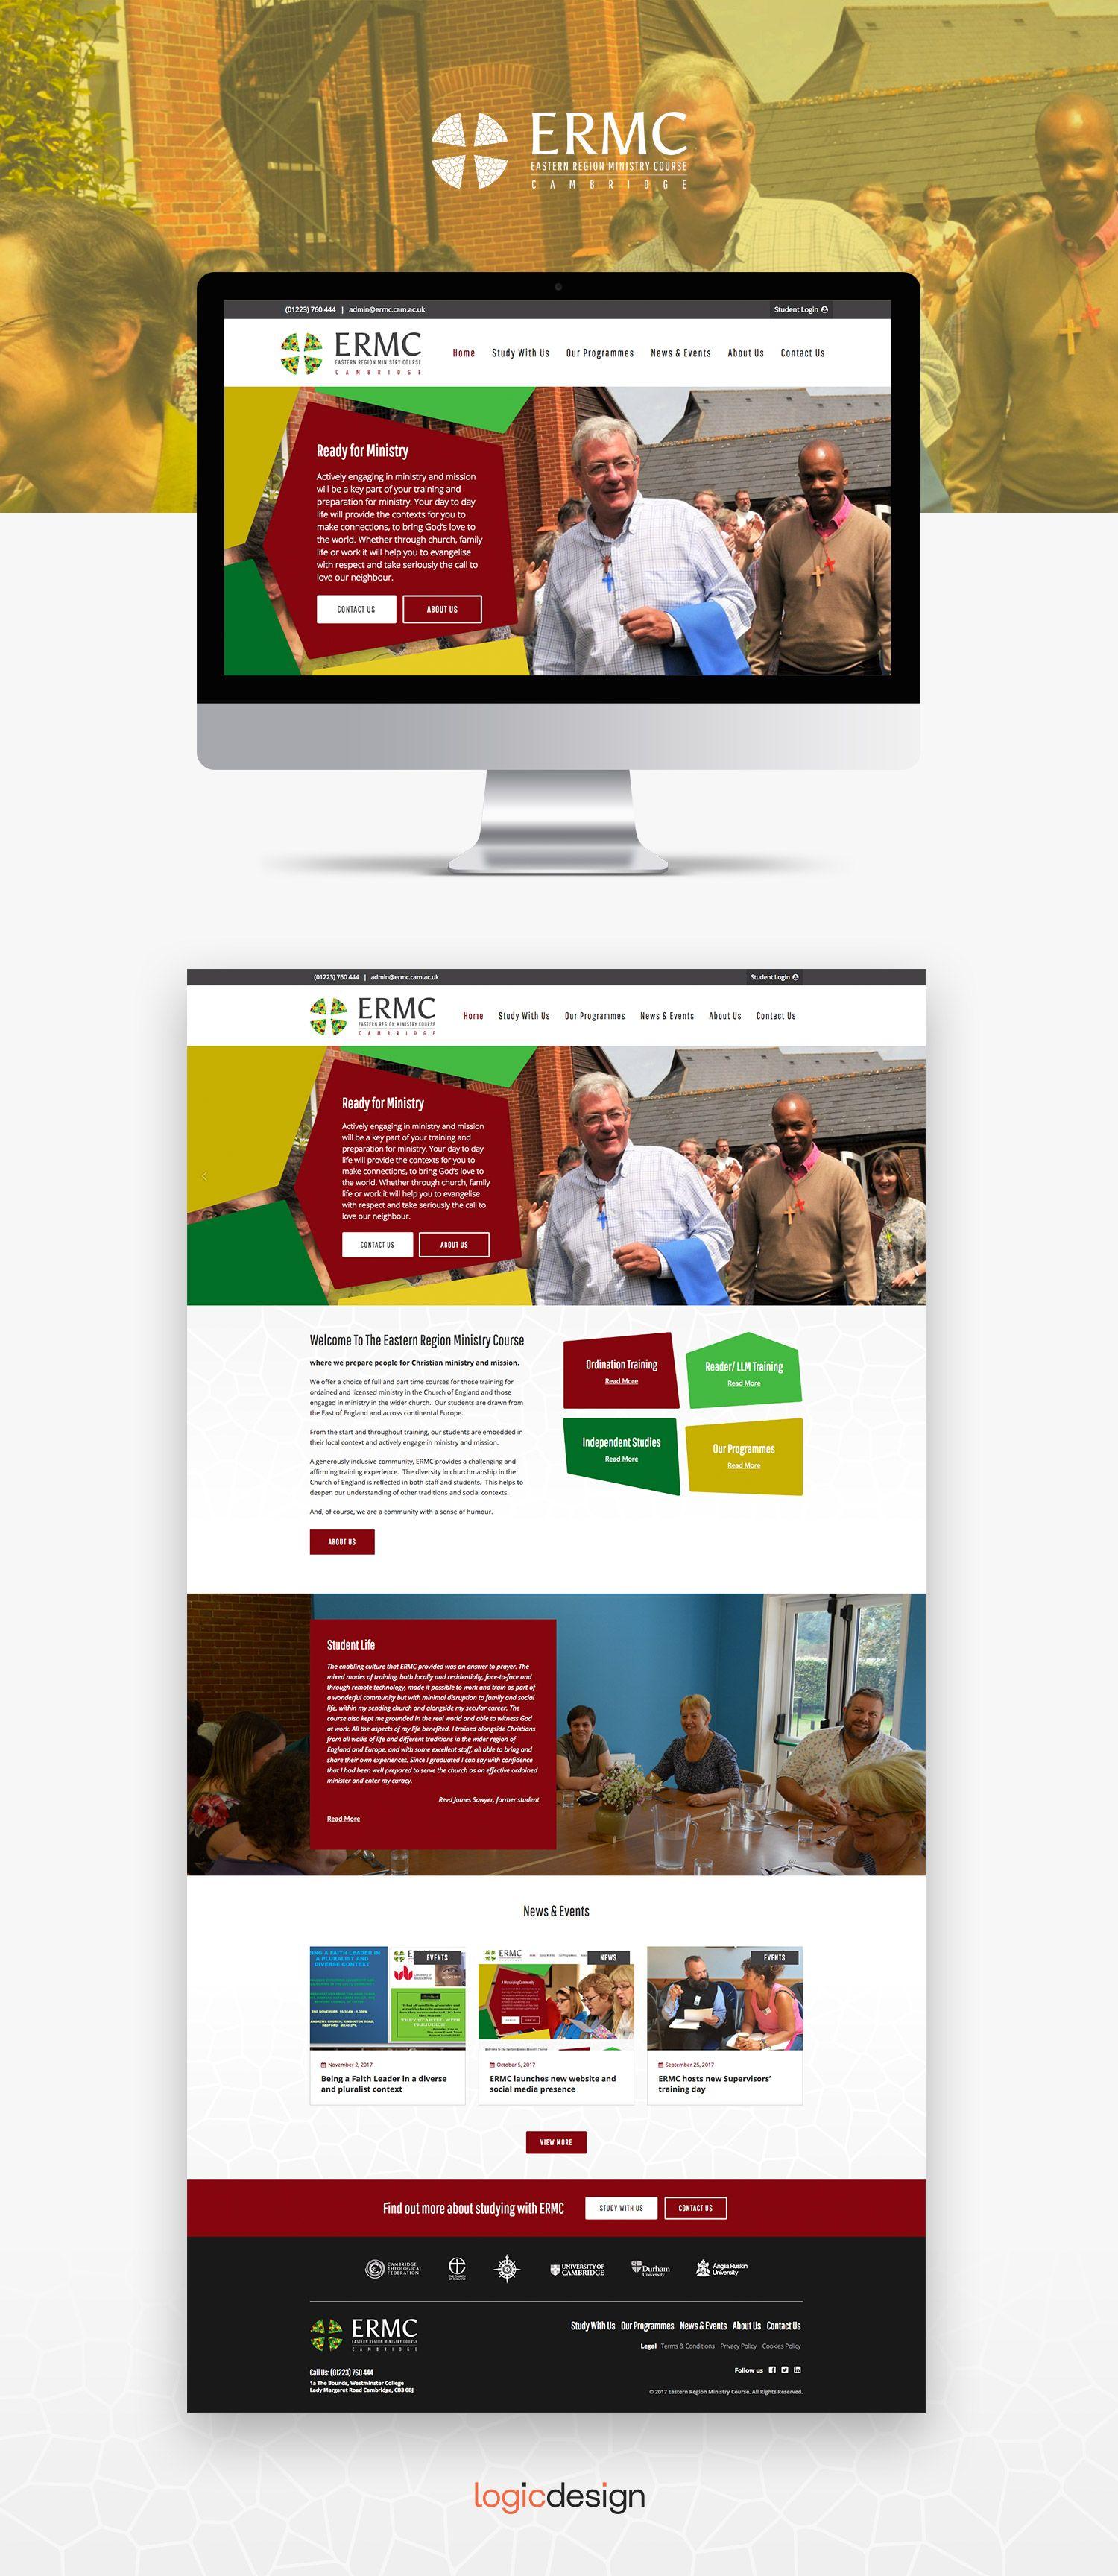 Web Design Bury St Edmunds With Images Wordpress Web Design Logic Design Website Design